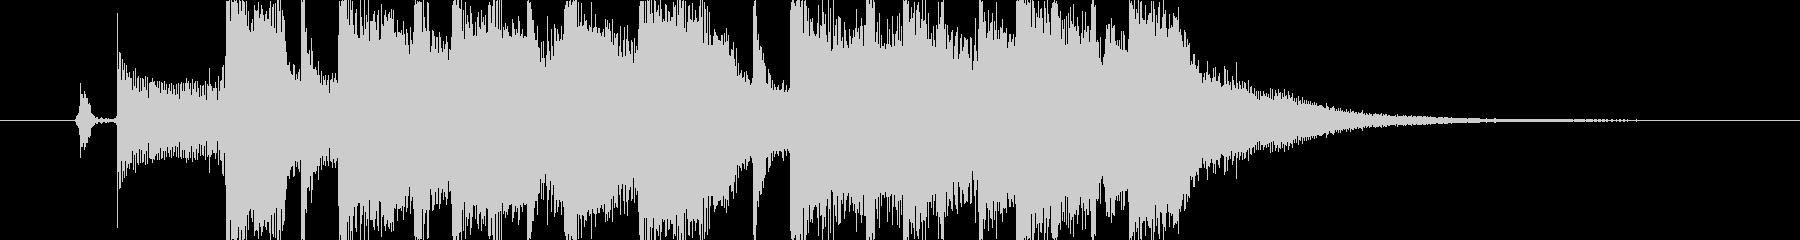 ラジオに合う明るいポップジングルの未再生の波形